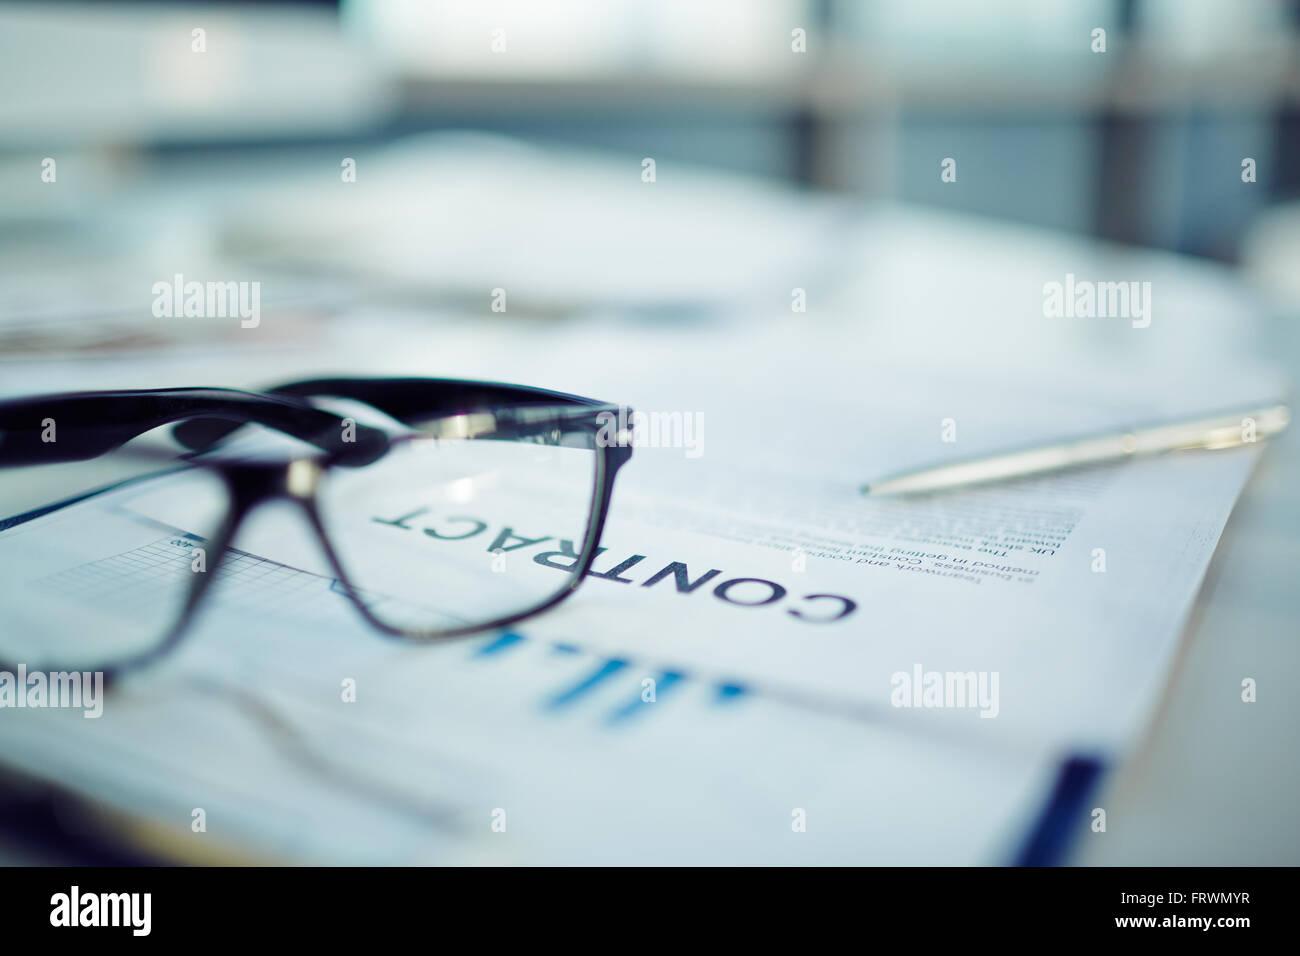 Los detalles del contrato de negocios Imagen De Stock